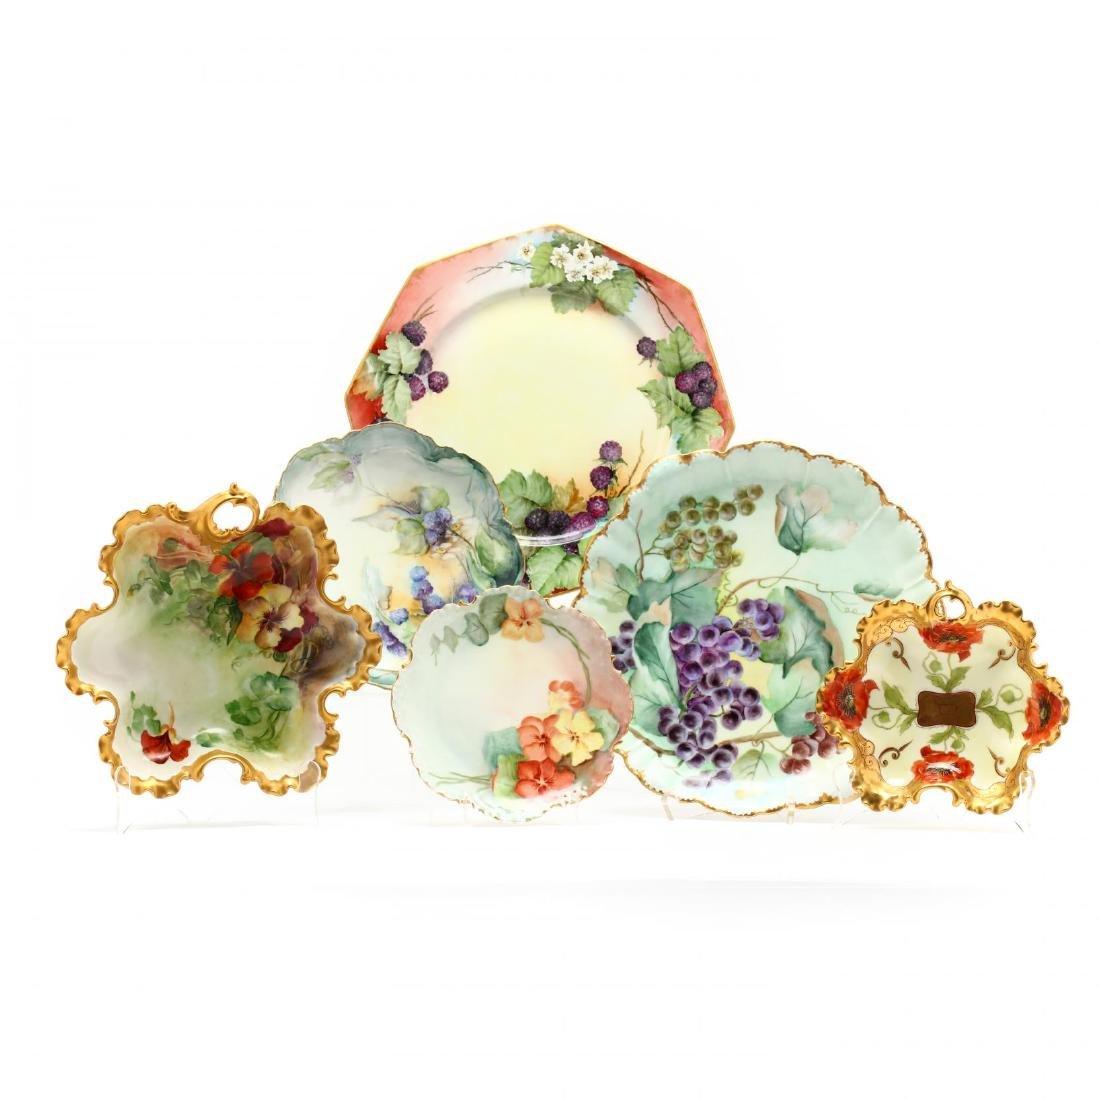 Continental Porcelain Set of Serving Platters